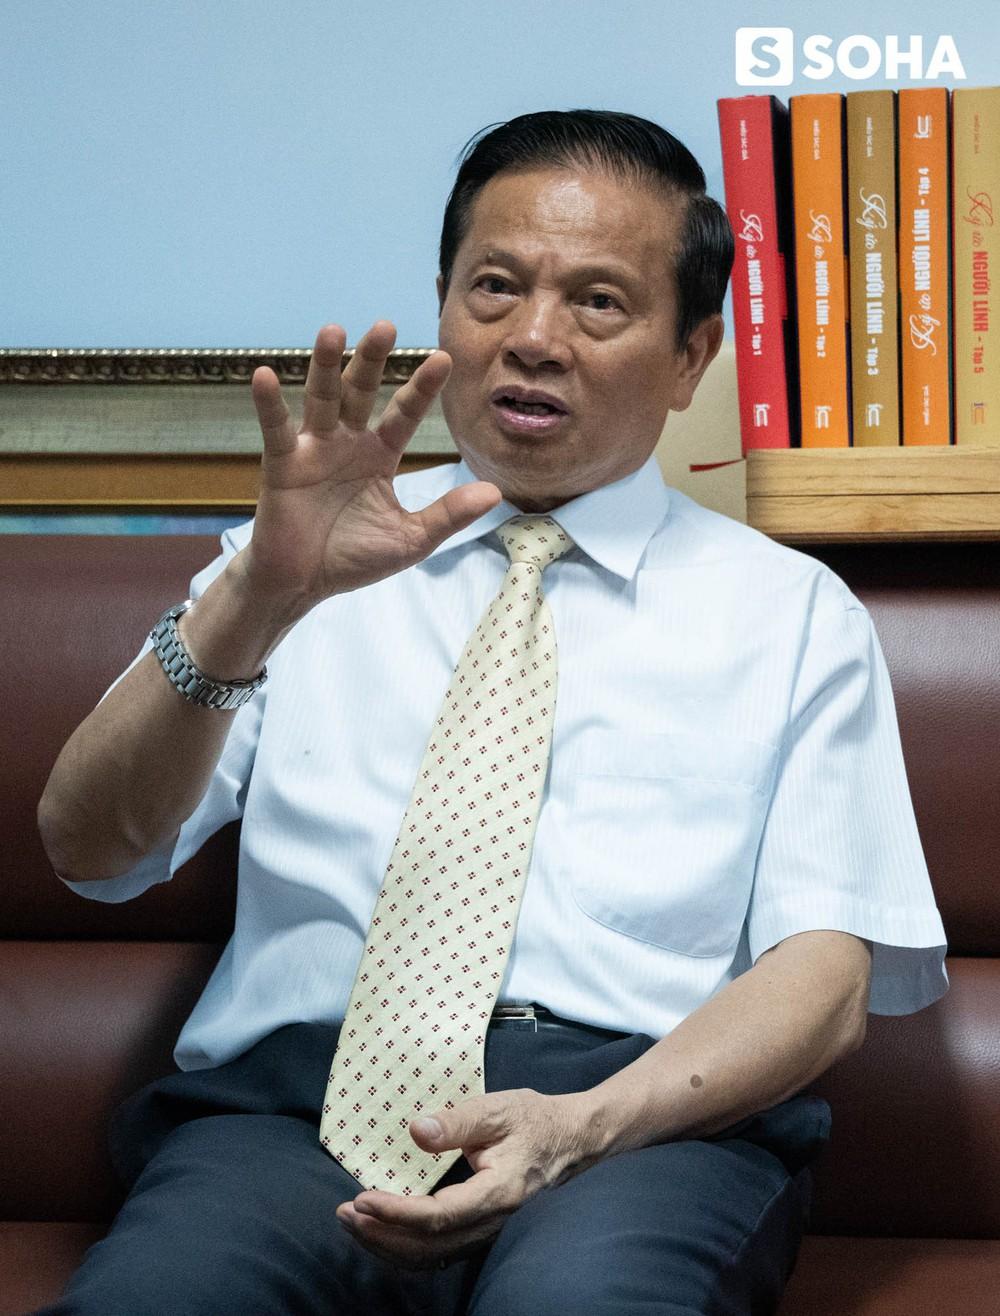 7 lời khuyên về sức khỏe của Đại tướng Võ Nguyên Giáp và bí quyết sống khỏe của Nguyên Bộ trưởng Lê Doãn Hợp - Ảnh 4.